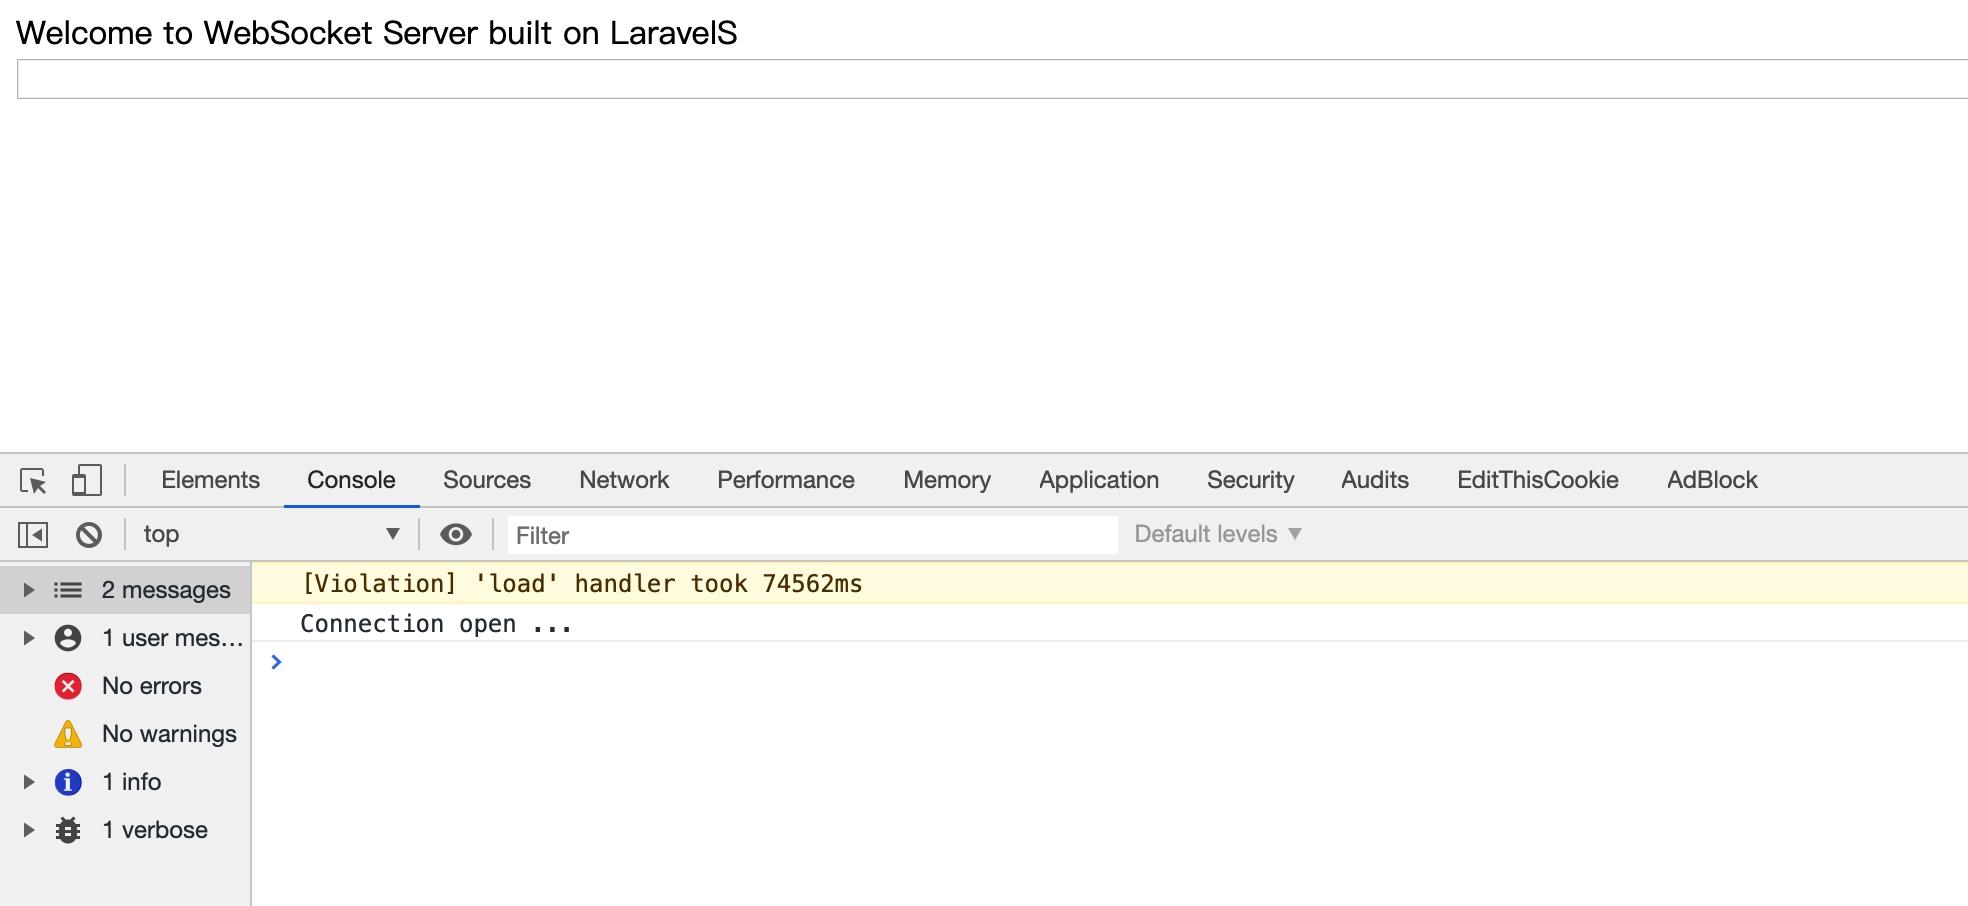 WebSocket 通信建立